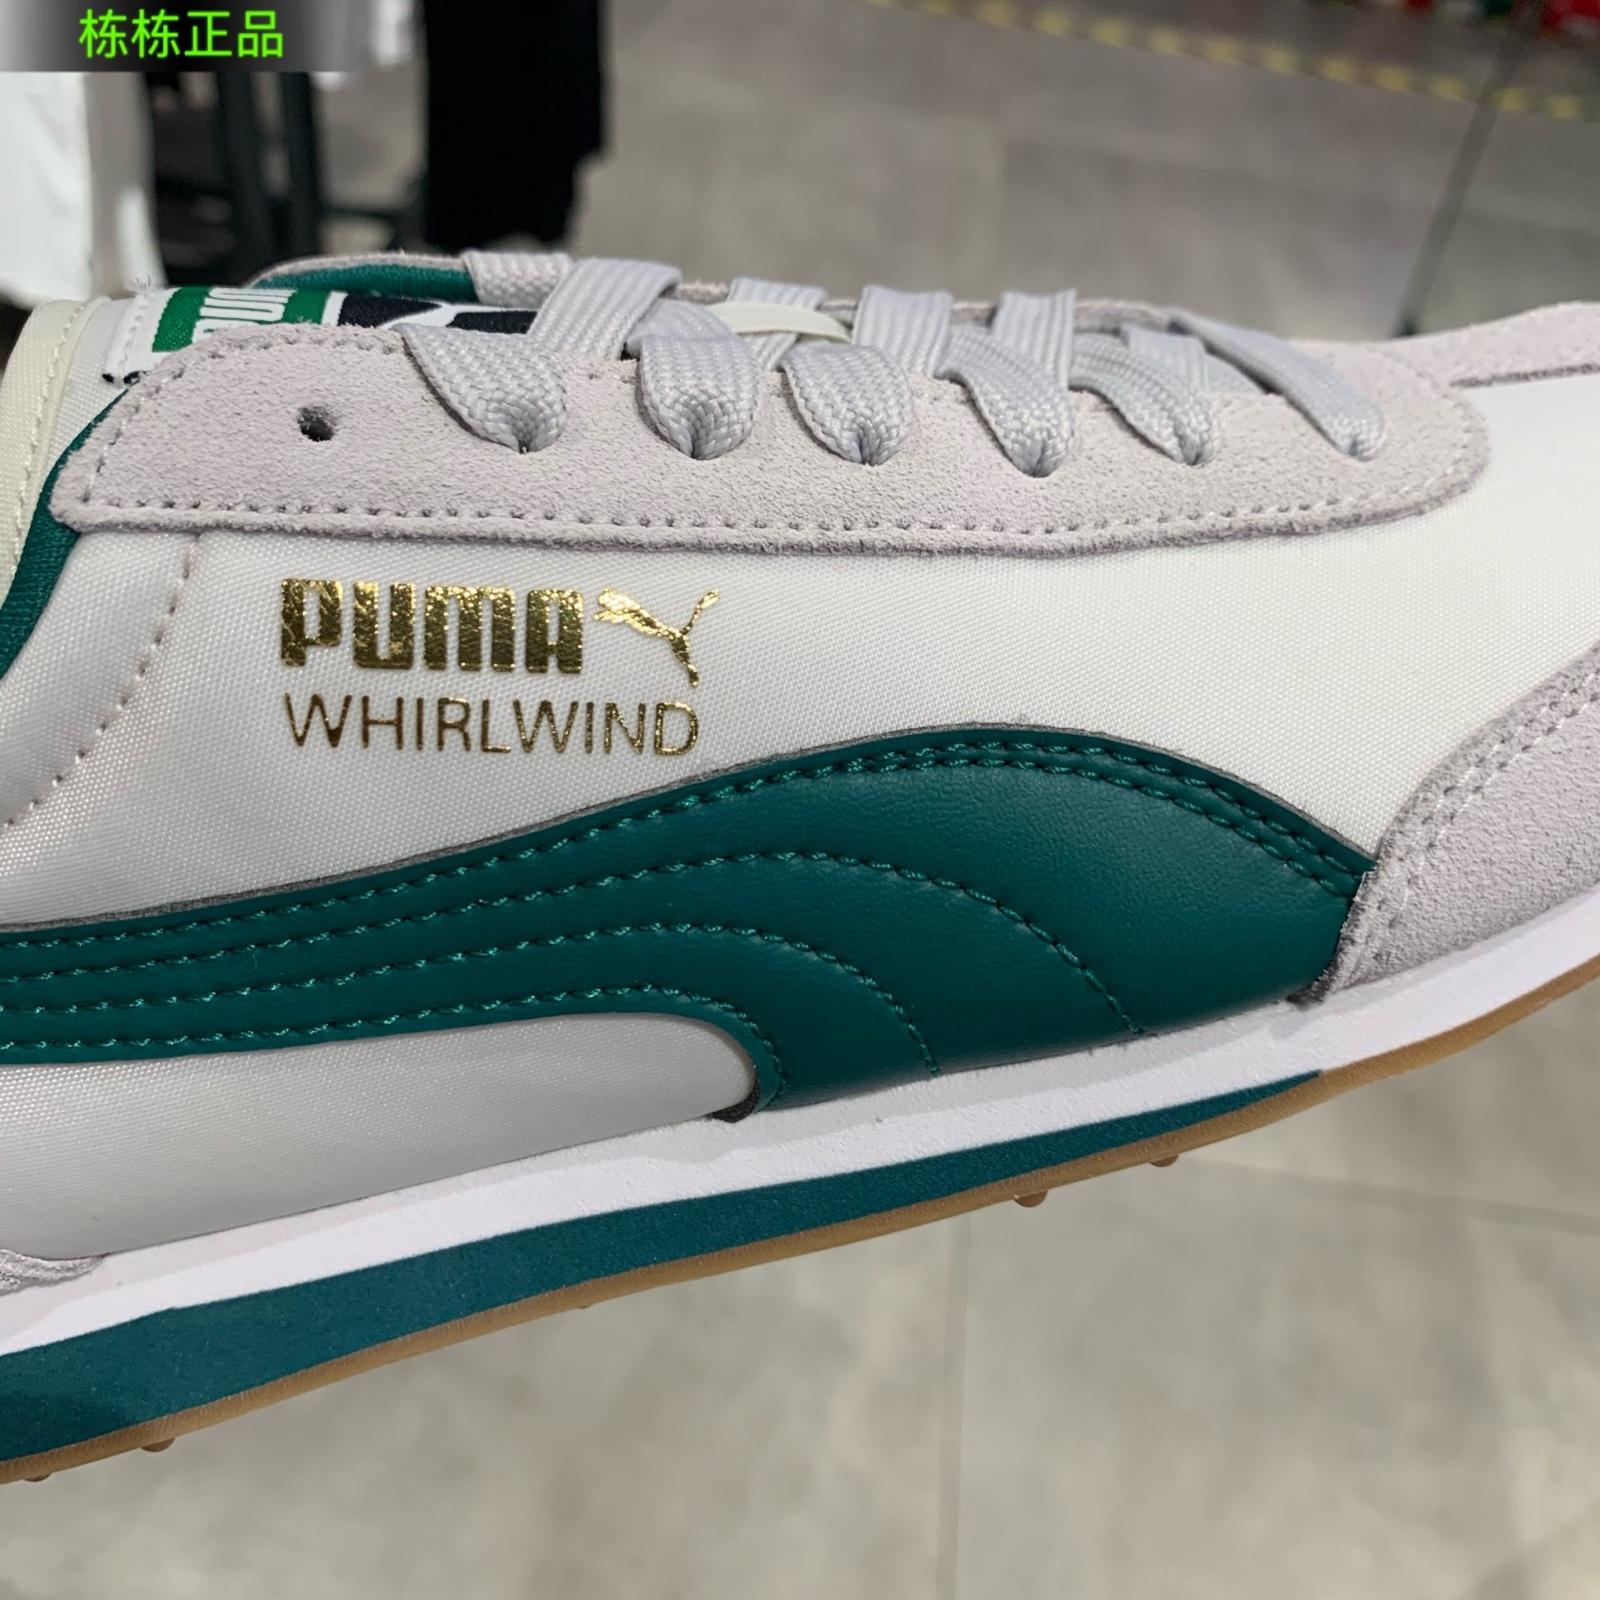 ROY潮鞋專櫃代購 Puma彪馬 男子Whirlwind復古耐磨輕便透氣休閑跑步鞋351293-71-26